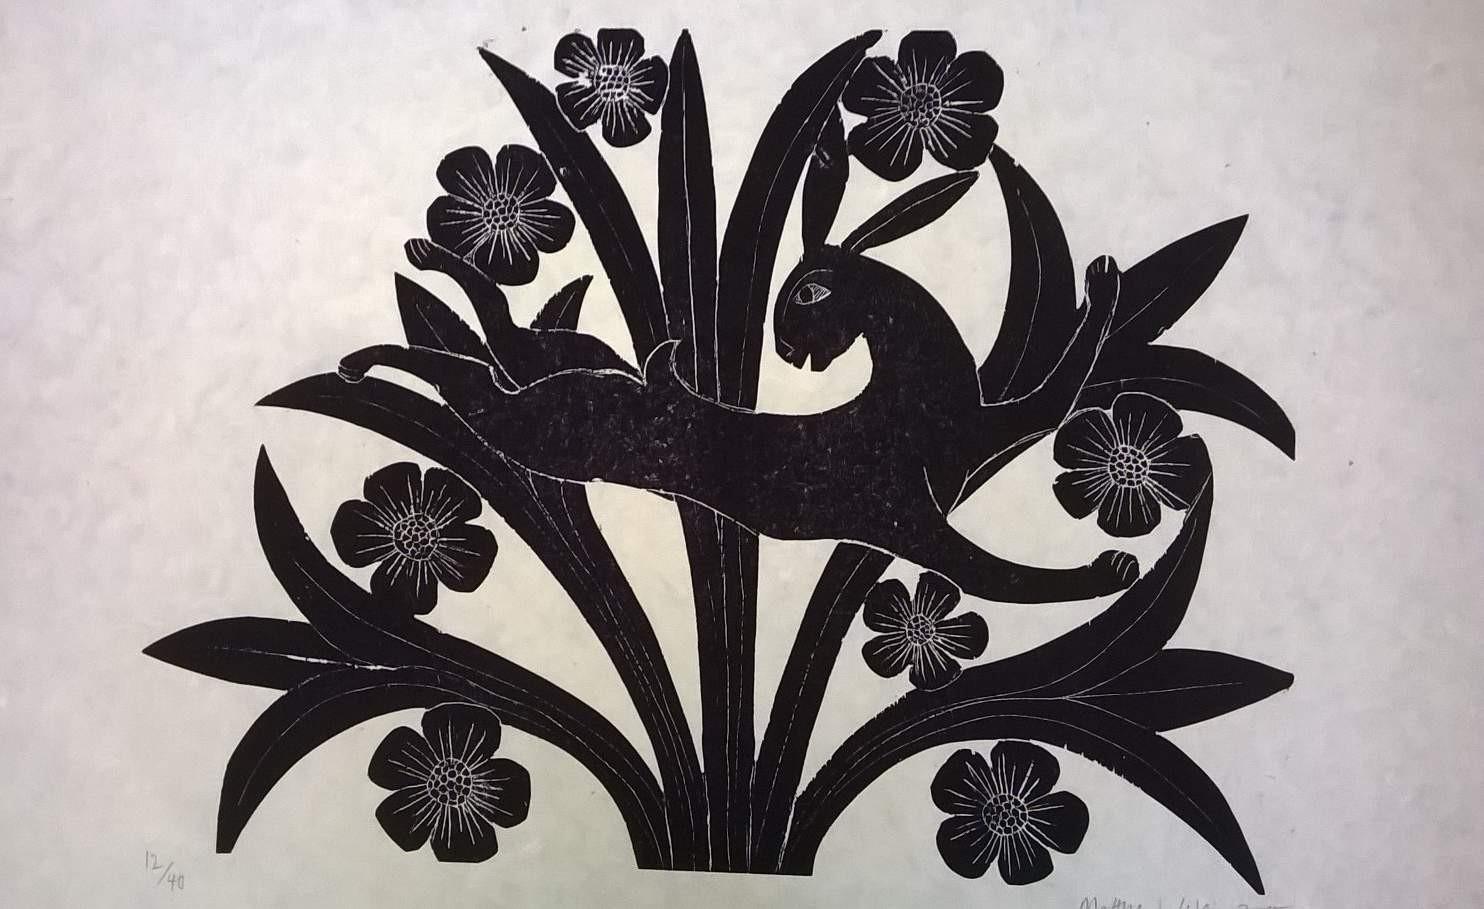 Liebre y flores, xilografia sobre papel de bambú,  70 x 100 cm.